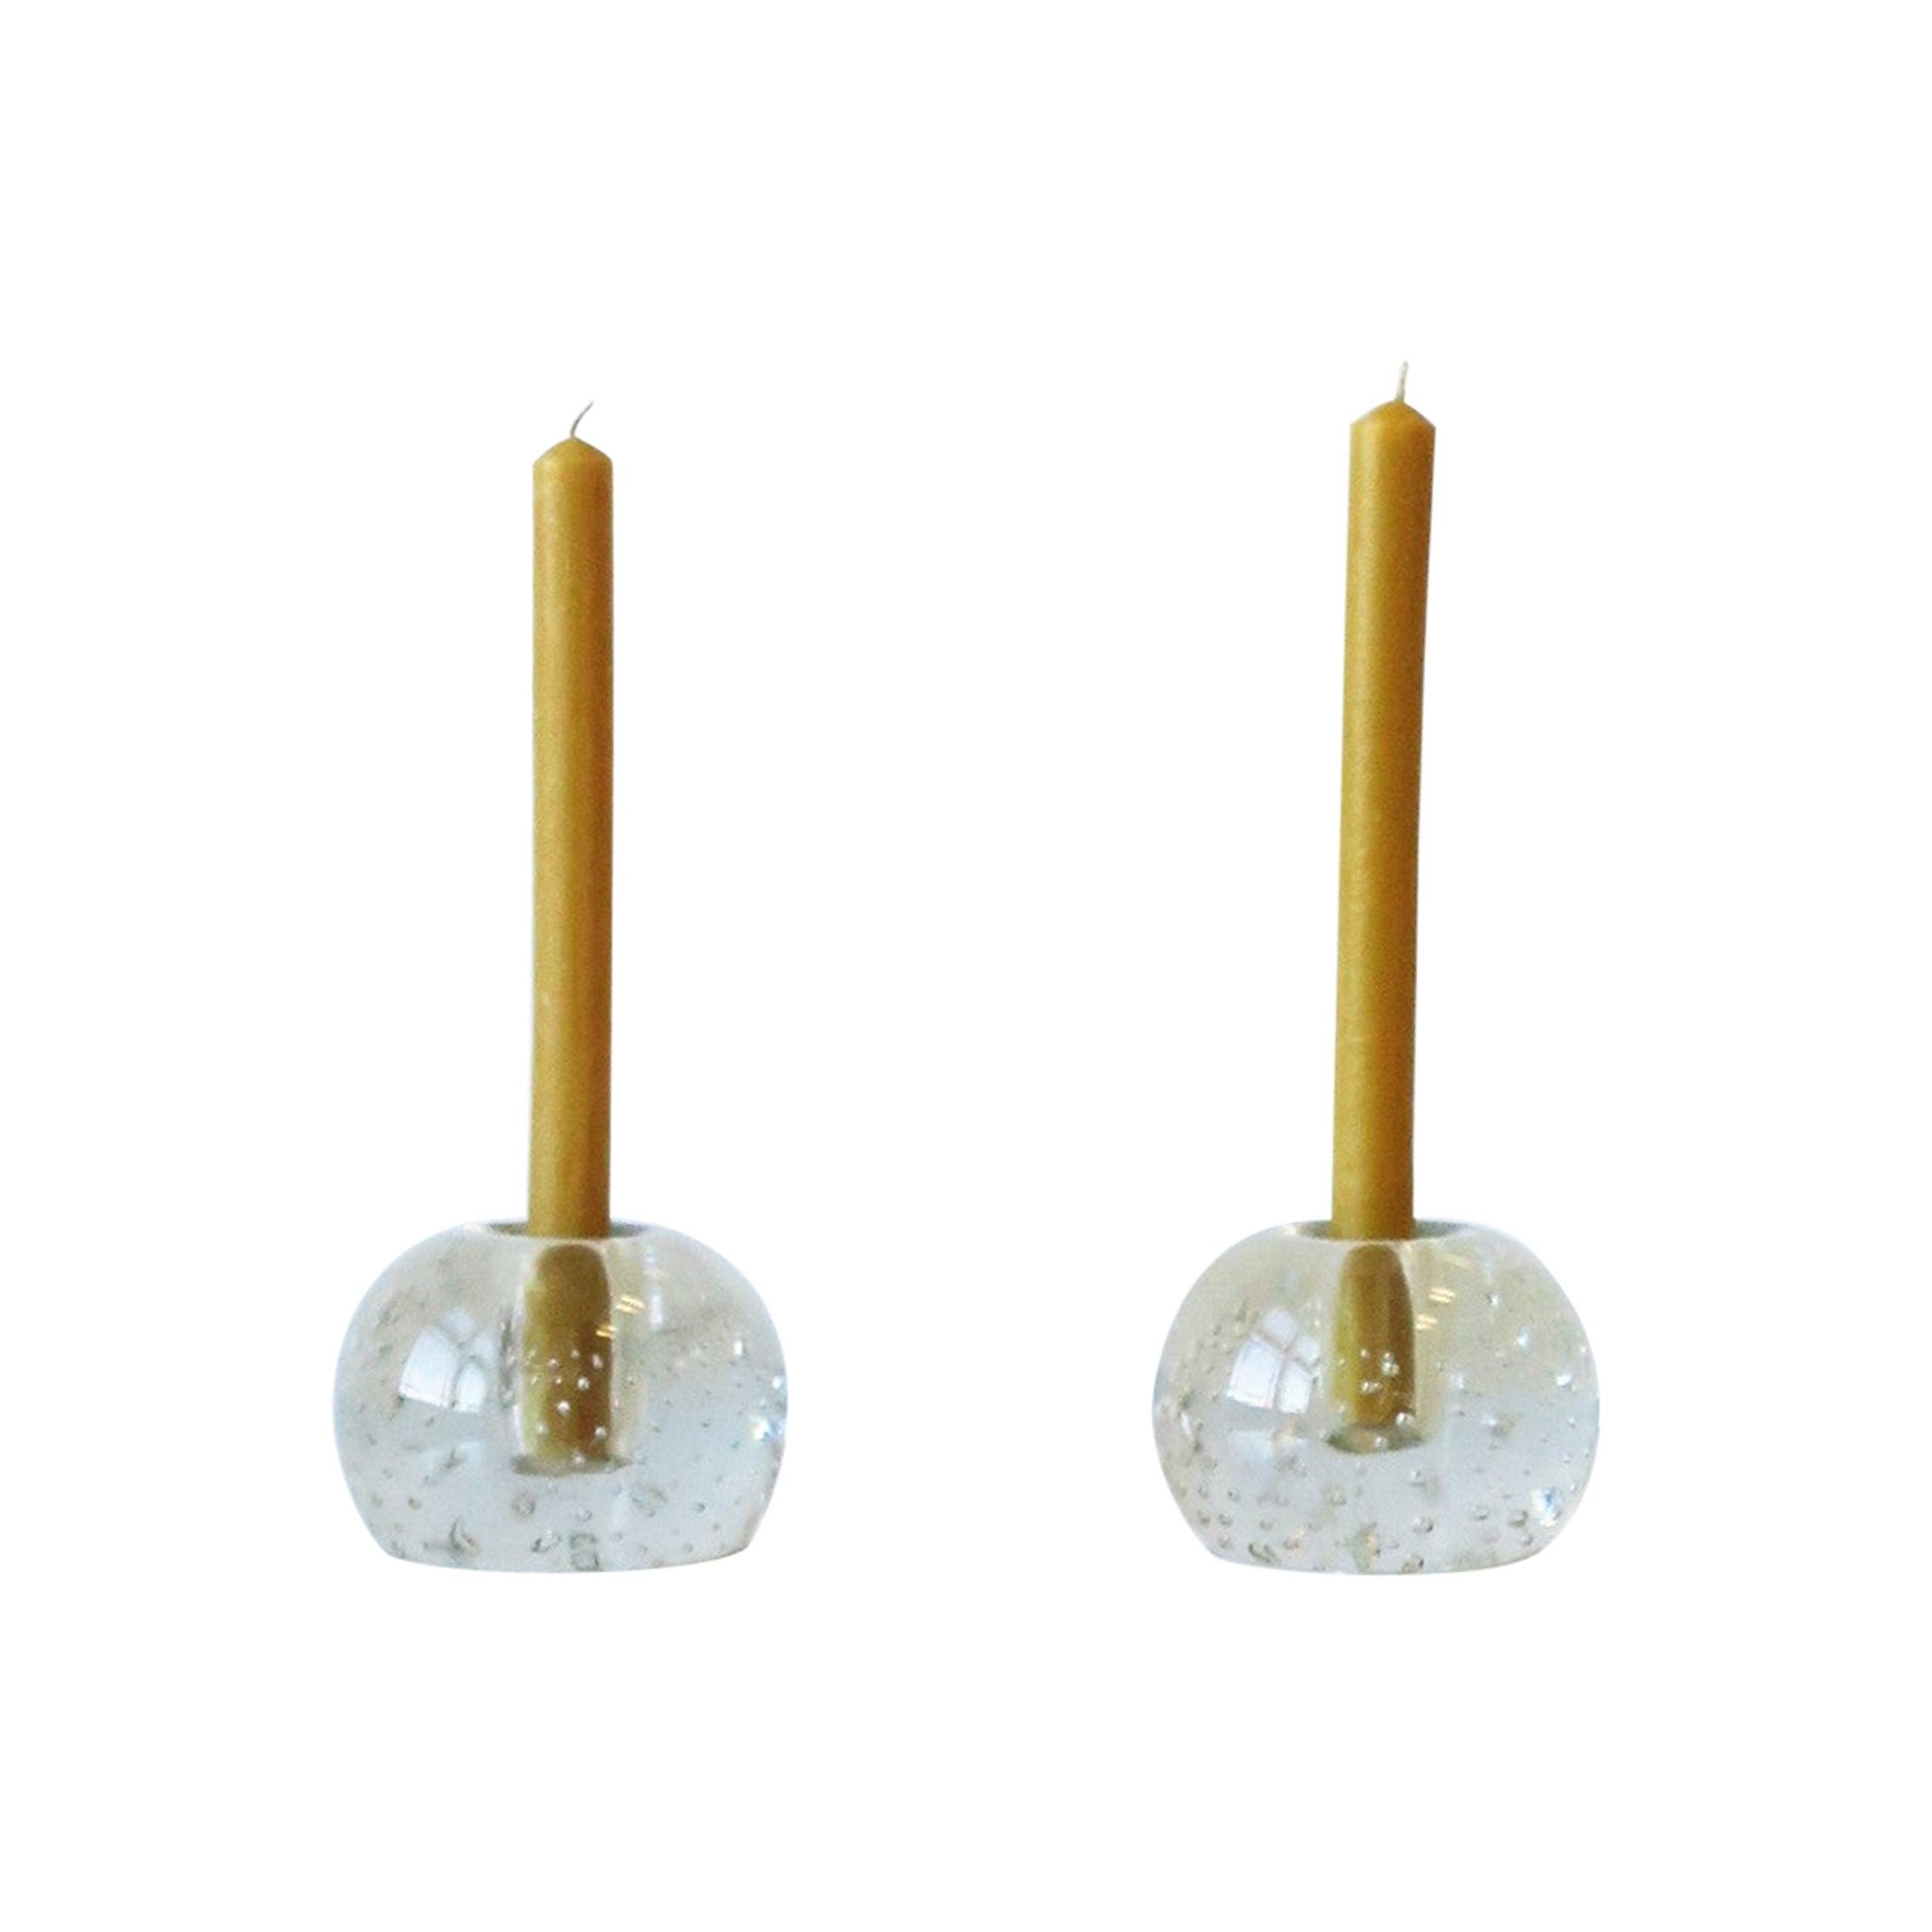 Scandinavian Modern Art Glass Candlestick Holders, Pair